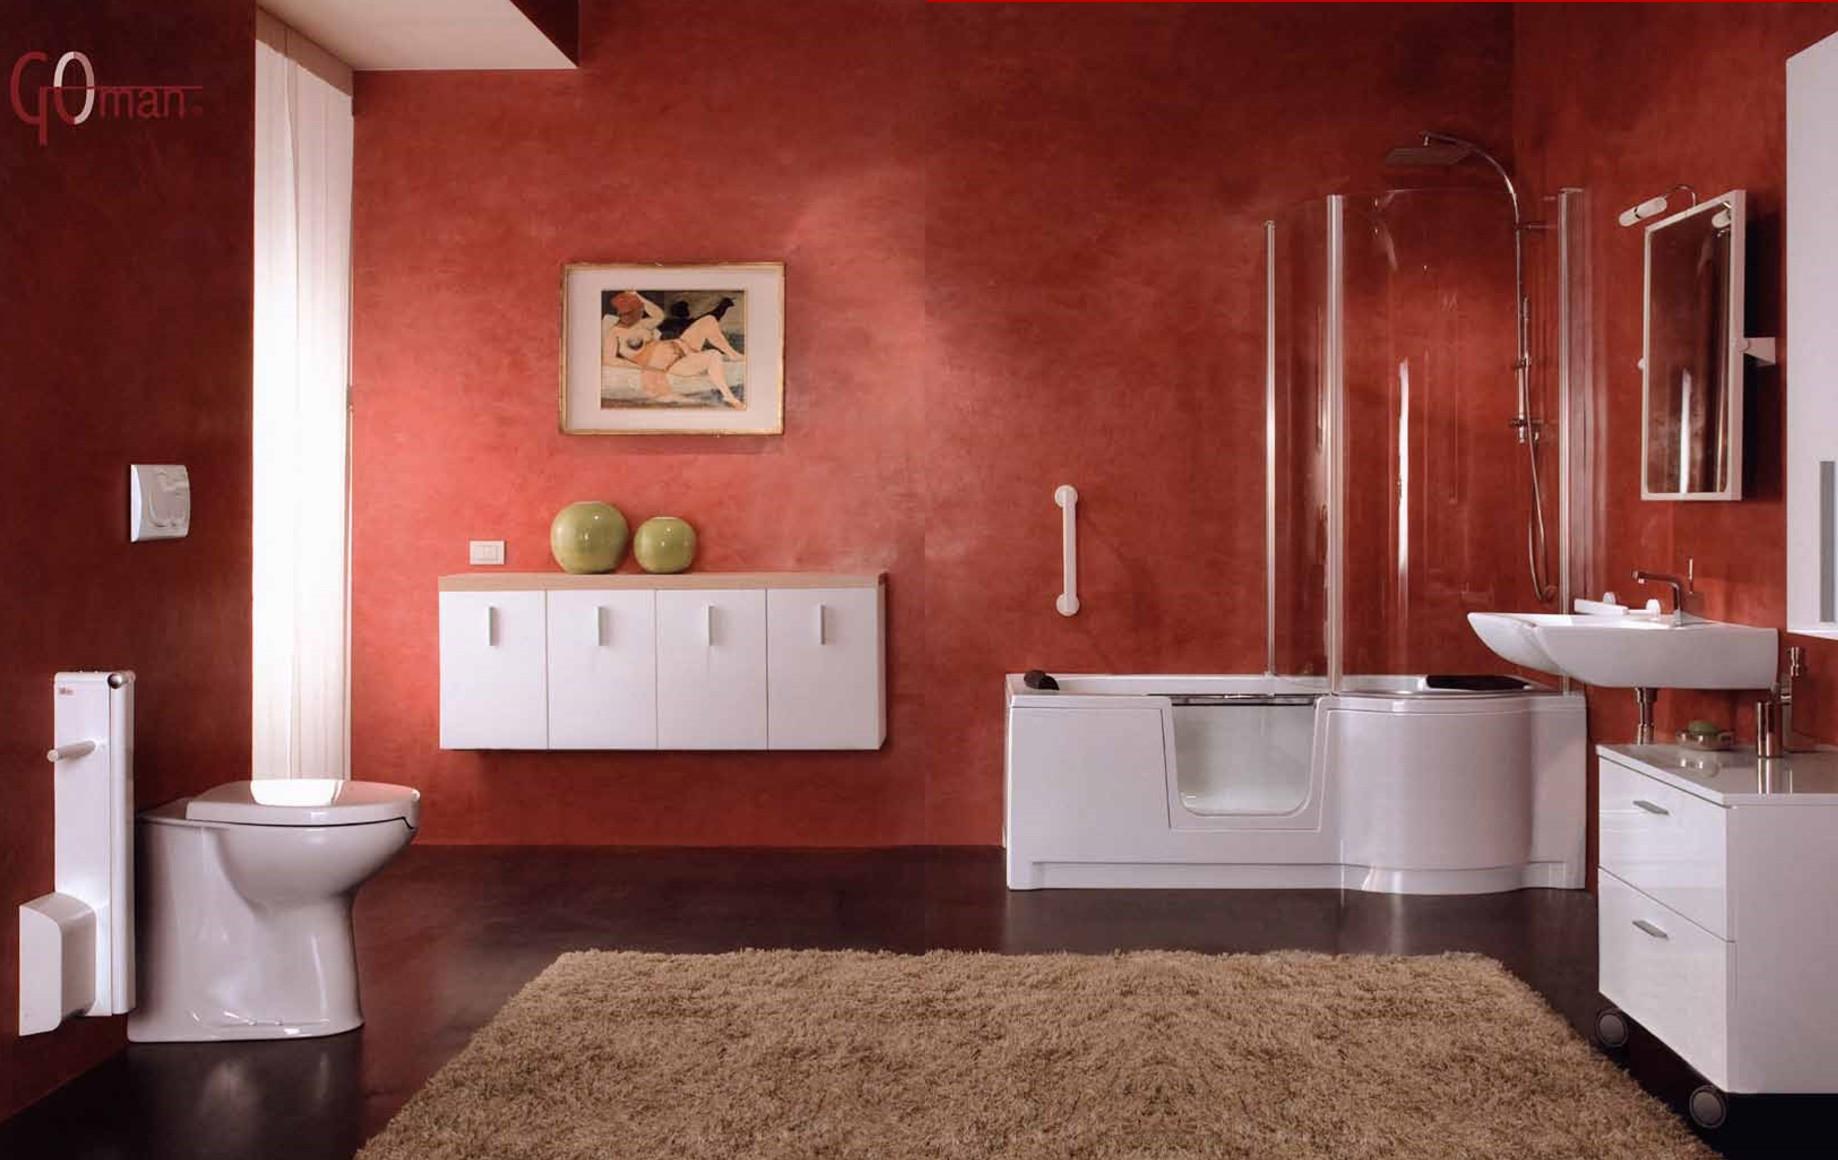 Design for all il bagno - Progettare bagno disabili ...